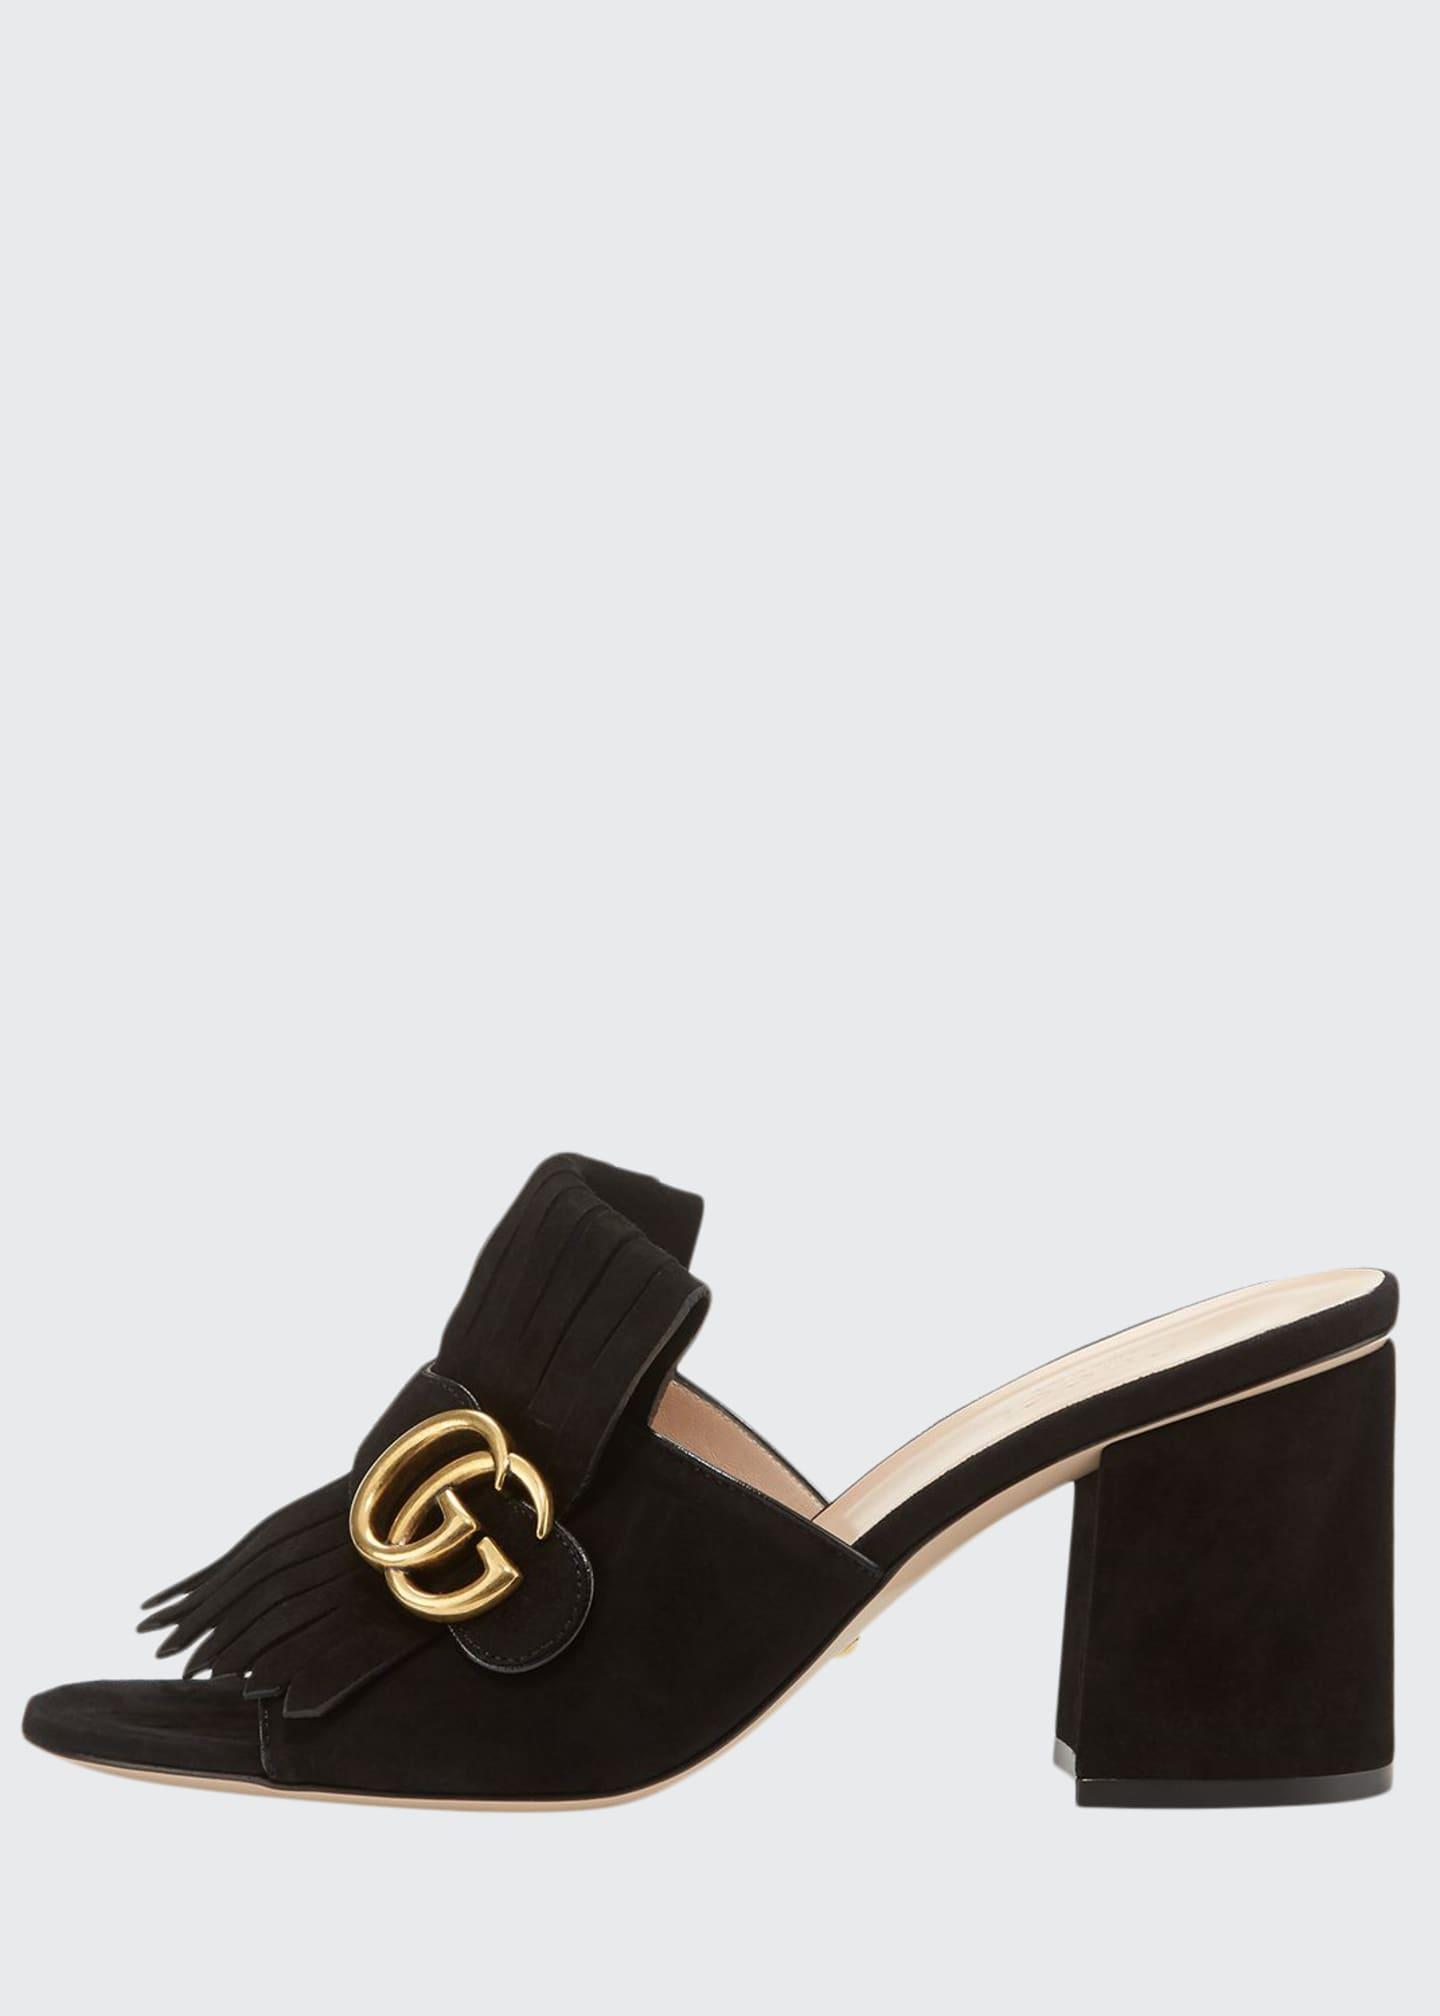 Gucci Marmont Suede Kiltie Mule, Black